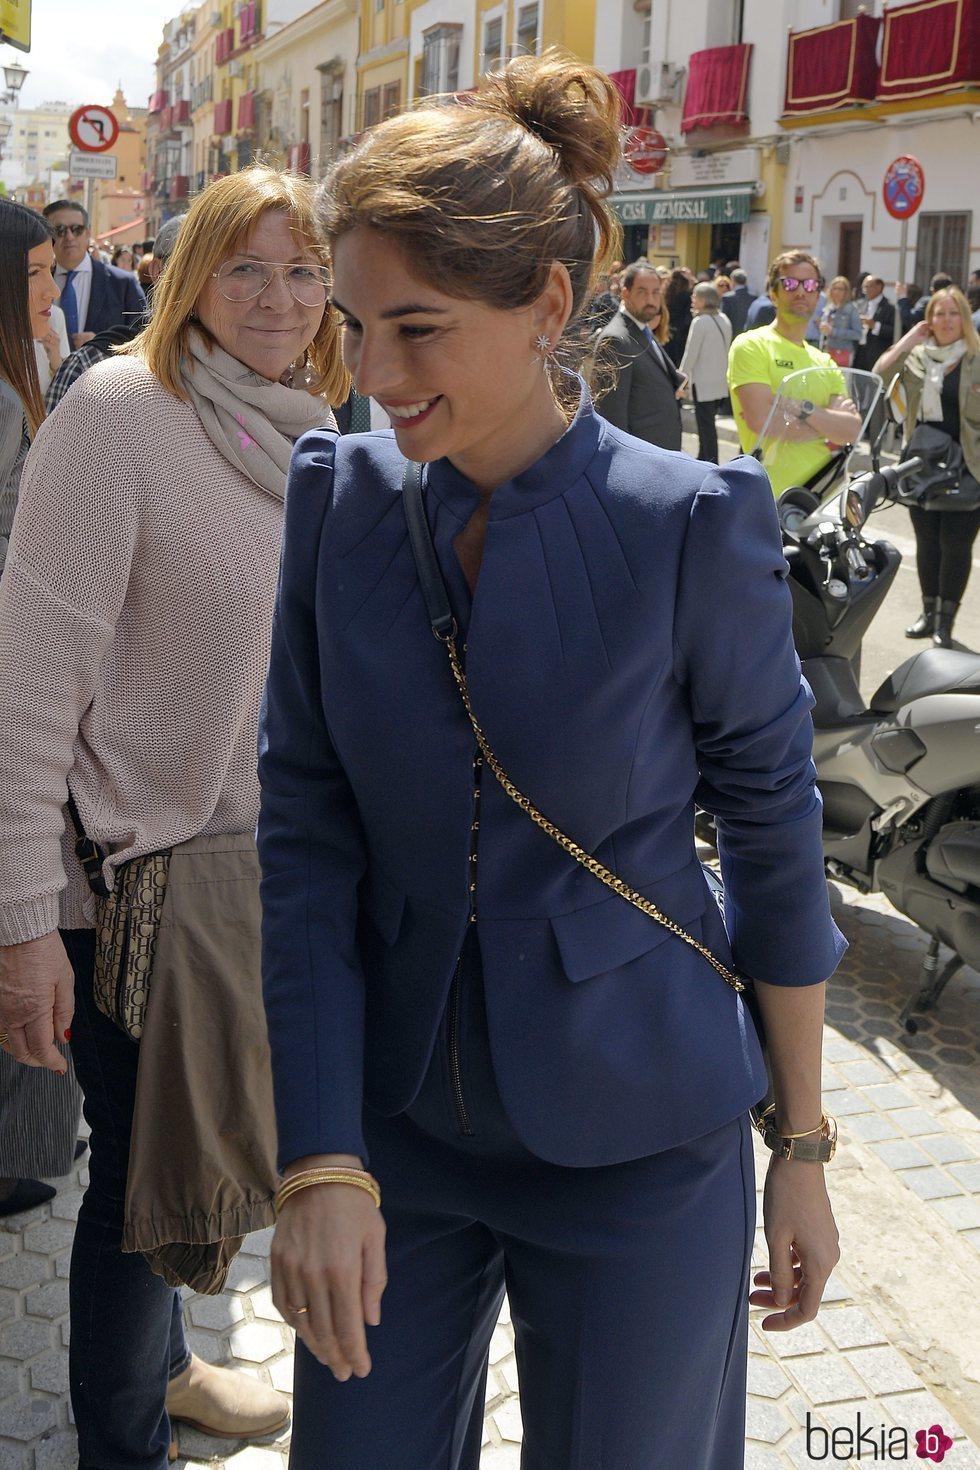 Lourdes Montes en la Semana santa de Sevilla 2018